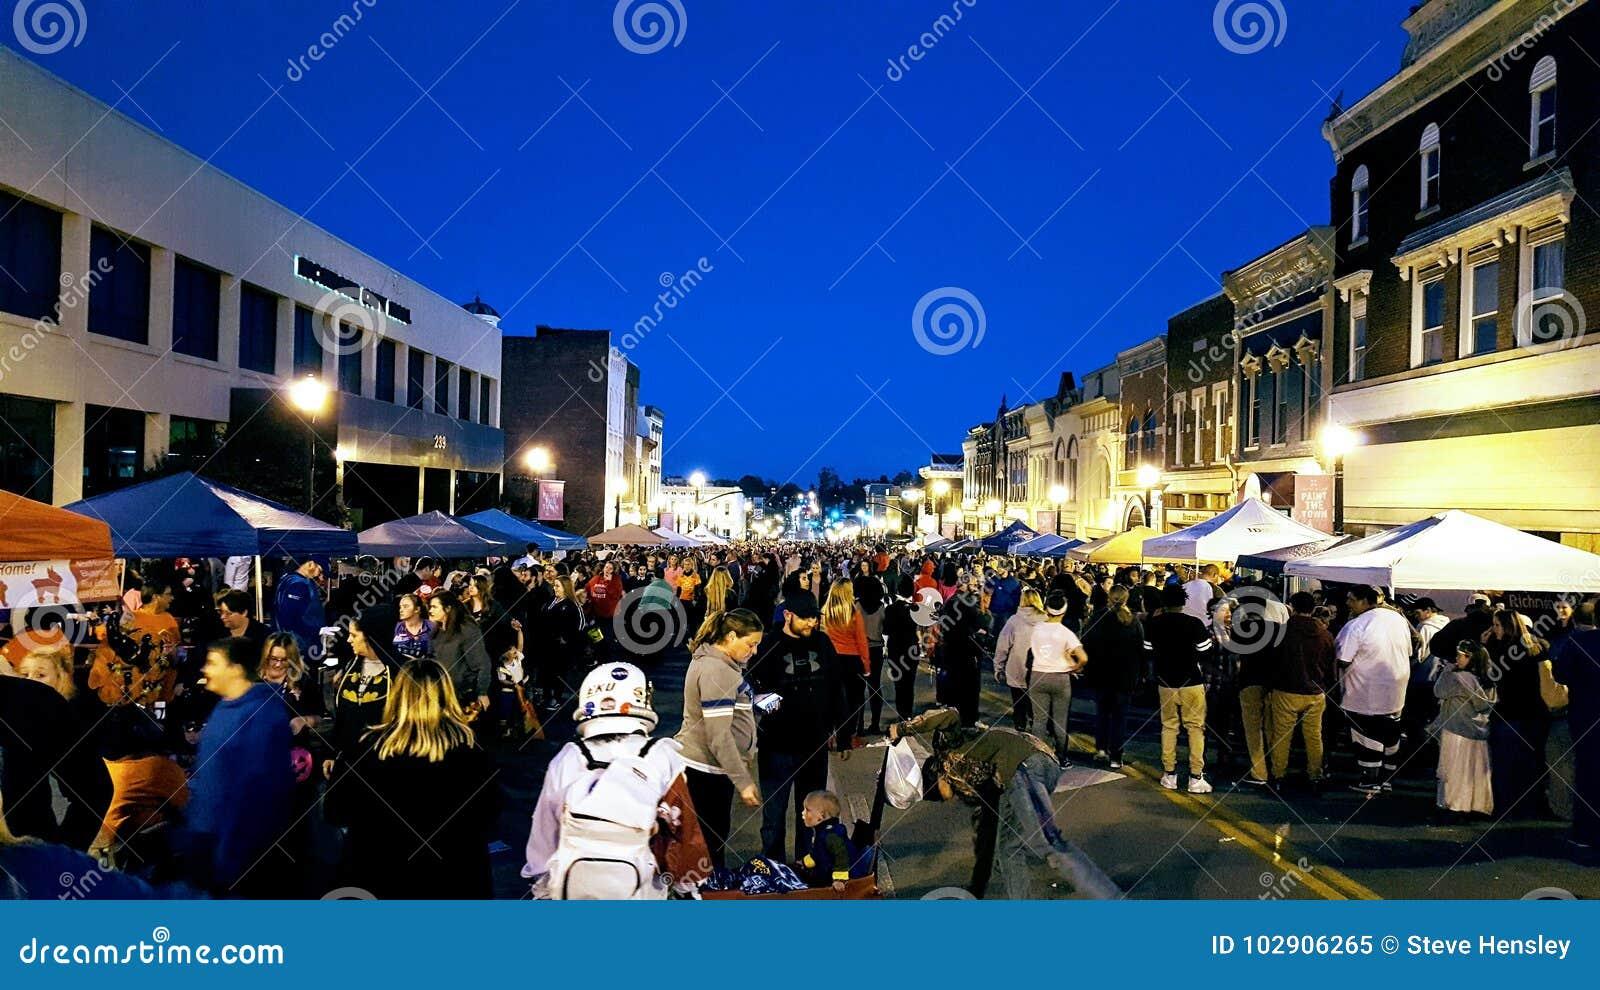 Richmond, KY E.U. - uma multidão recolhe em torno do vendor& x27; barracas de s durante o Hoedown anual de Dia das Bruxas